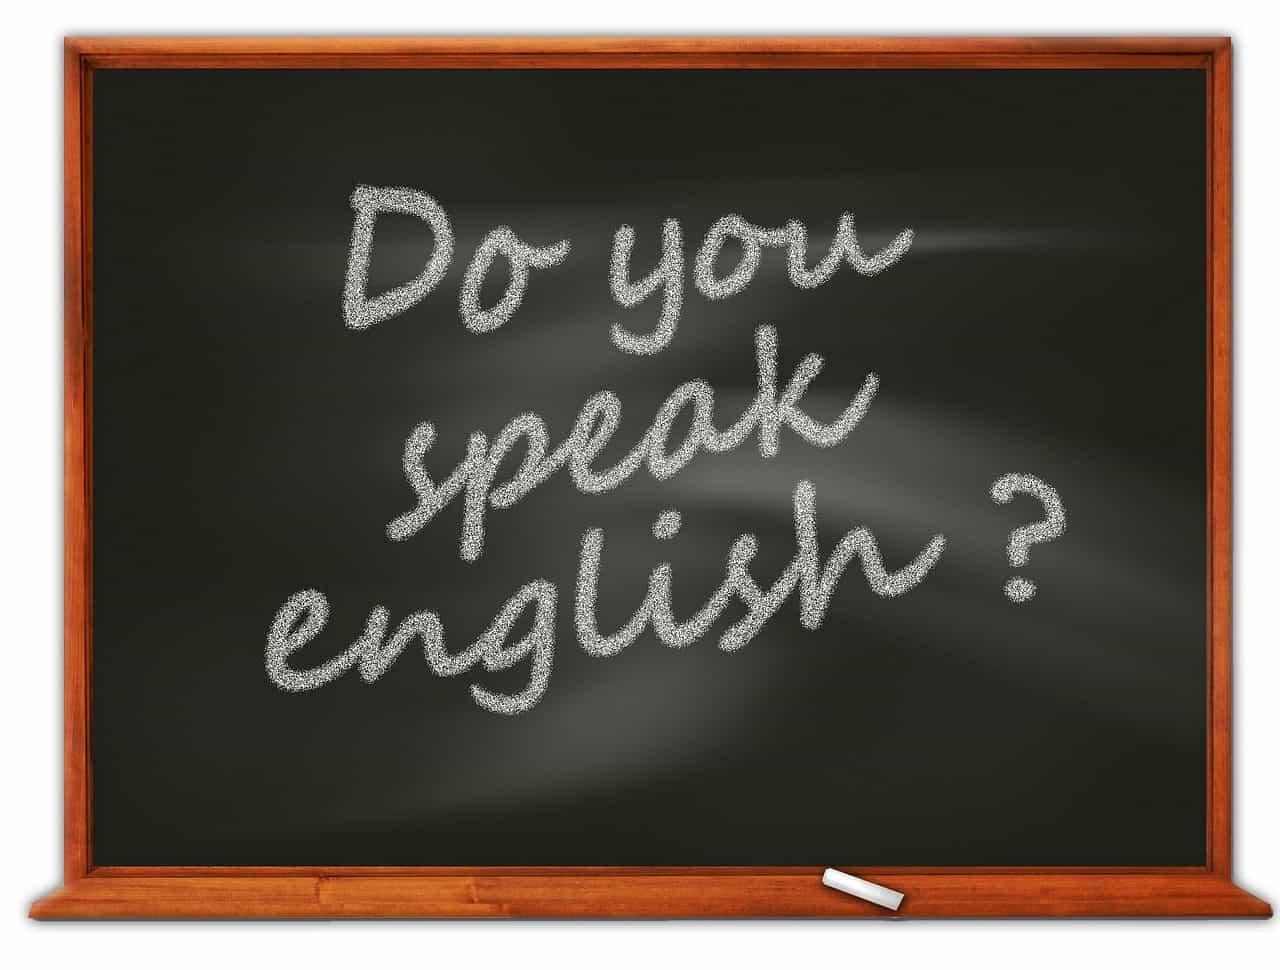 do you speak english quadro ingles pergunta 300x227 - Entrevista de Emprego em Inglês: 10 Perguntas e Respostas + 4 dicas para fazer bonito